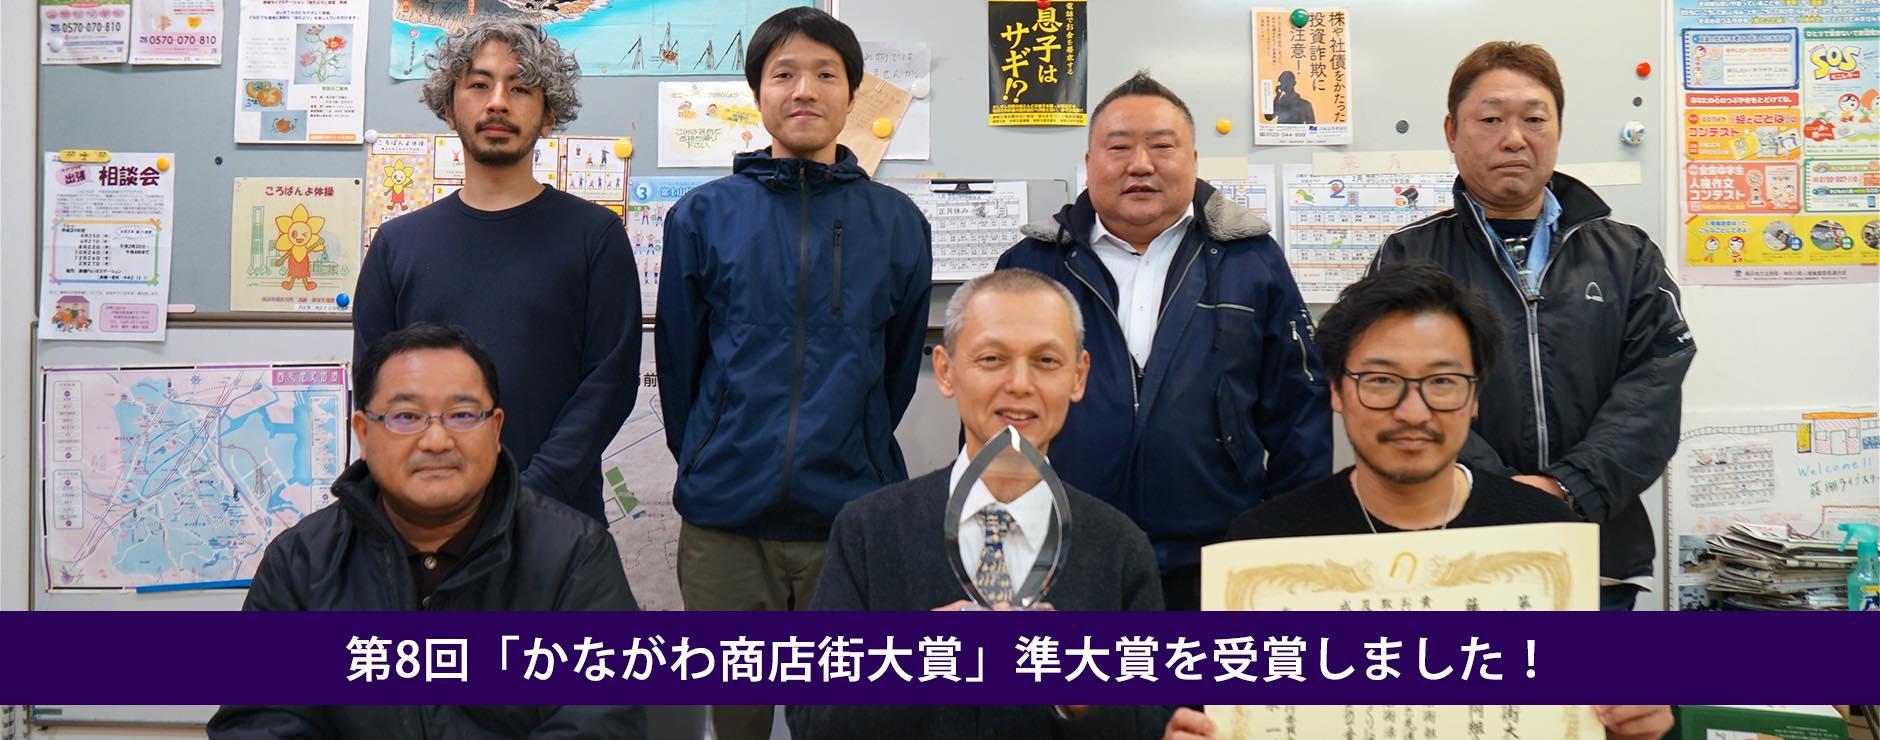 第8回「かながわ商店街大賞」準大賞を受賞しました!